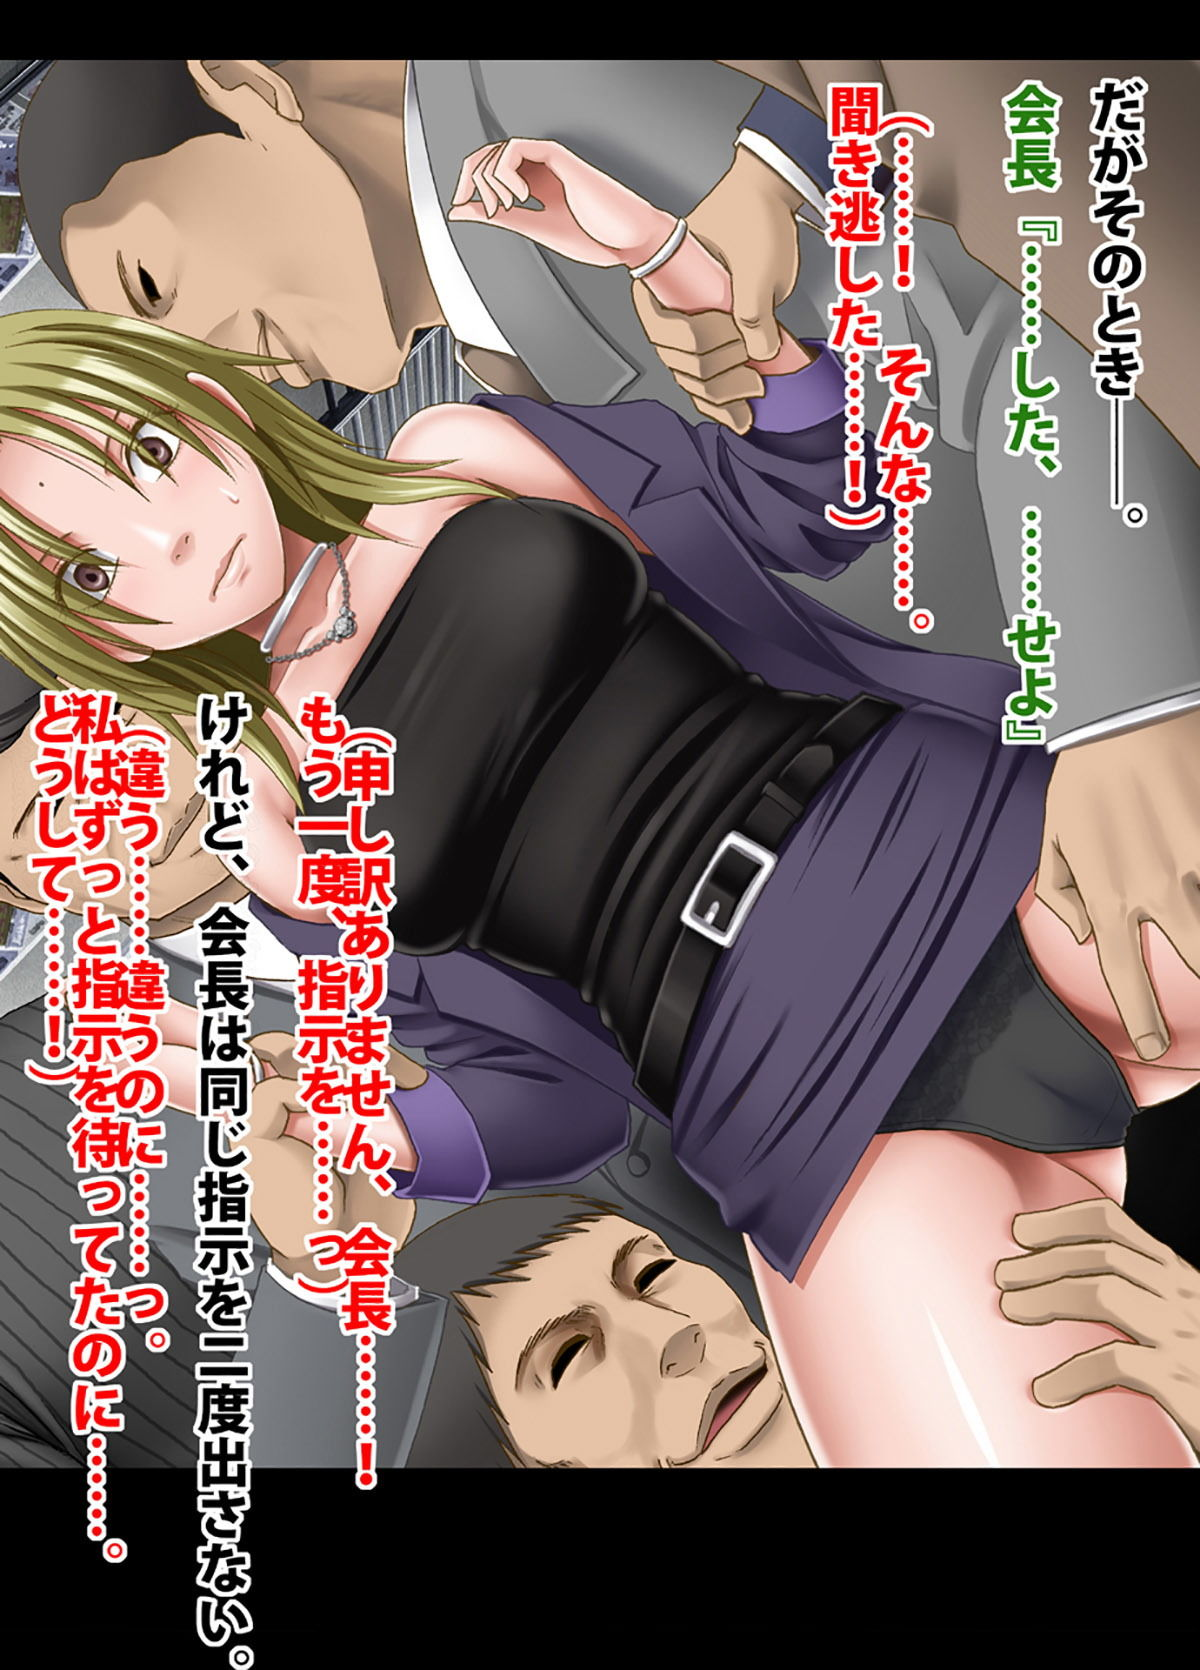 クリムゾントレイン デジタルコミック版 悠里ともか&加賀美マリア編 画像